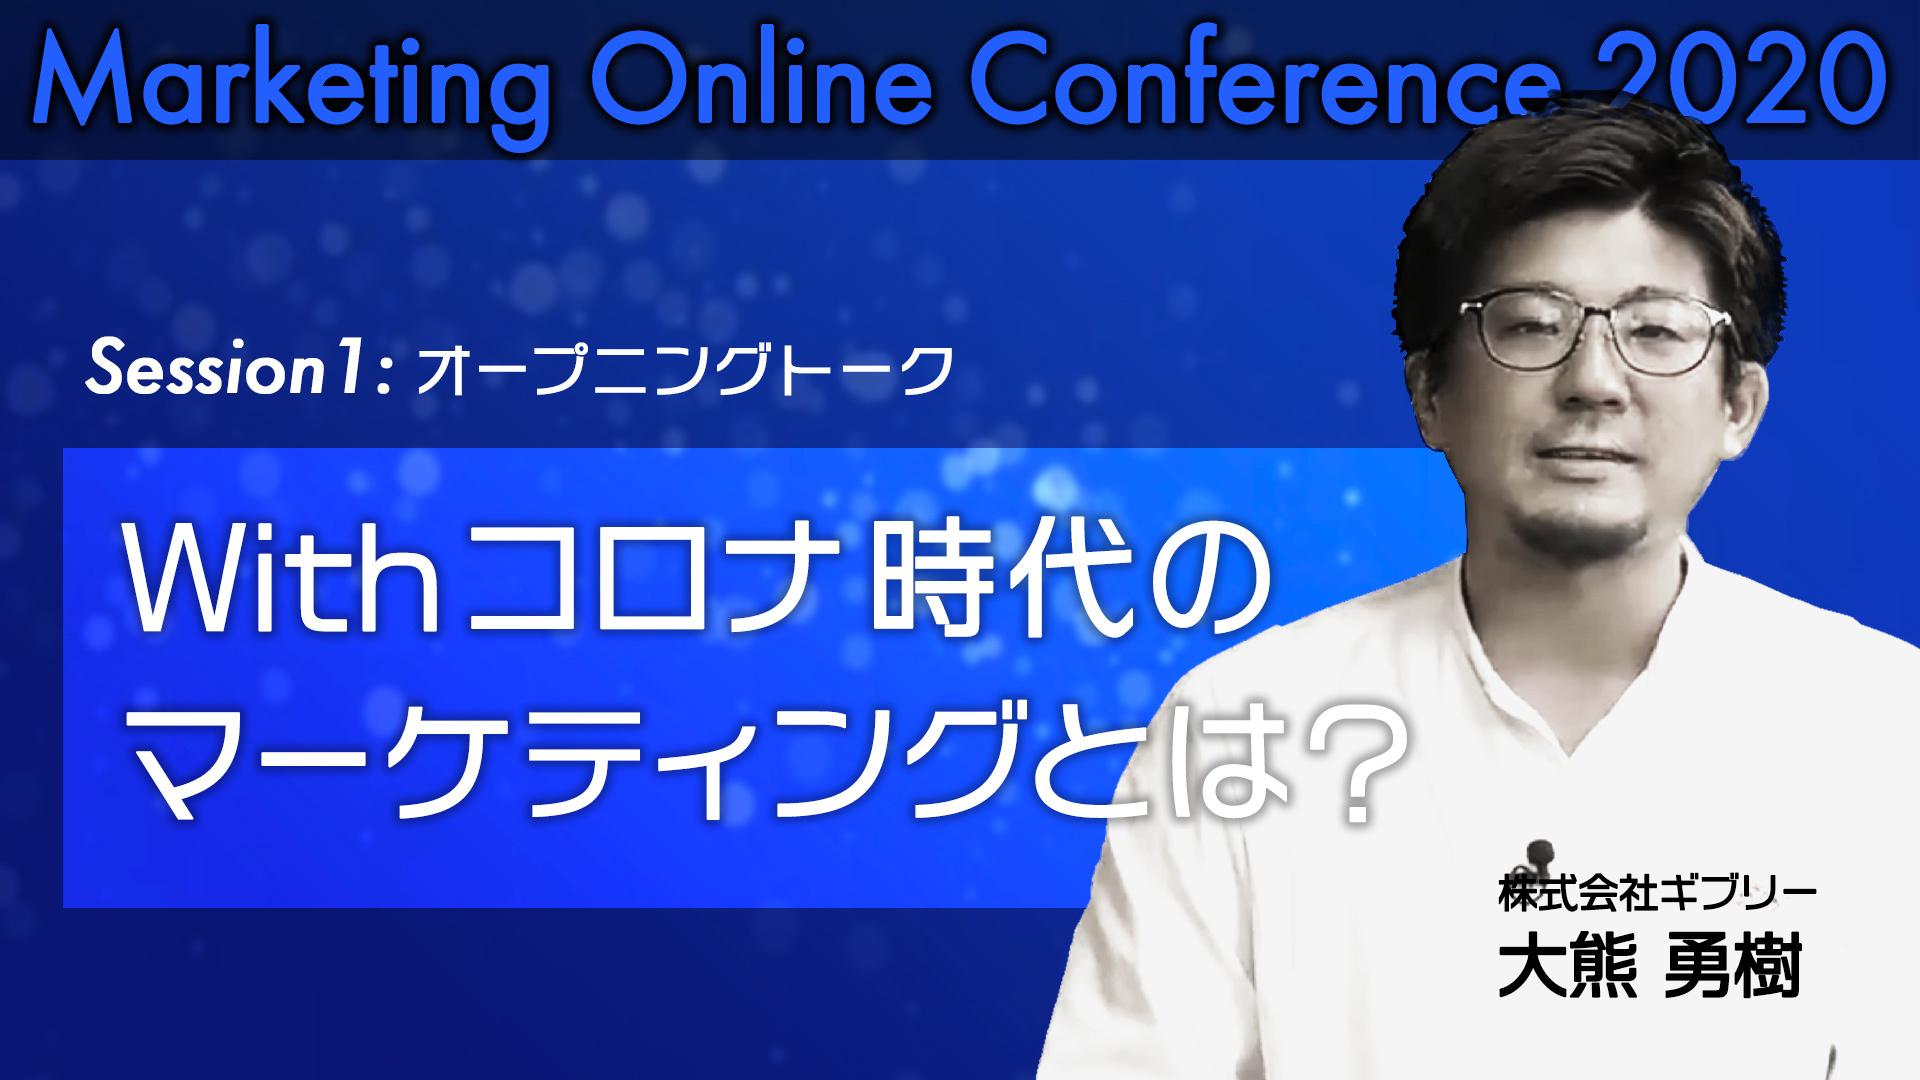 【Session1:オープニングトーク】Withコロナ時代のマーケティングとは?